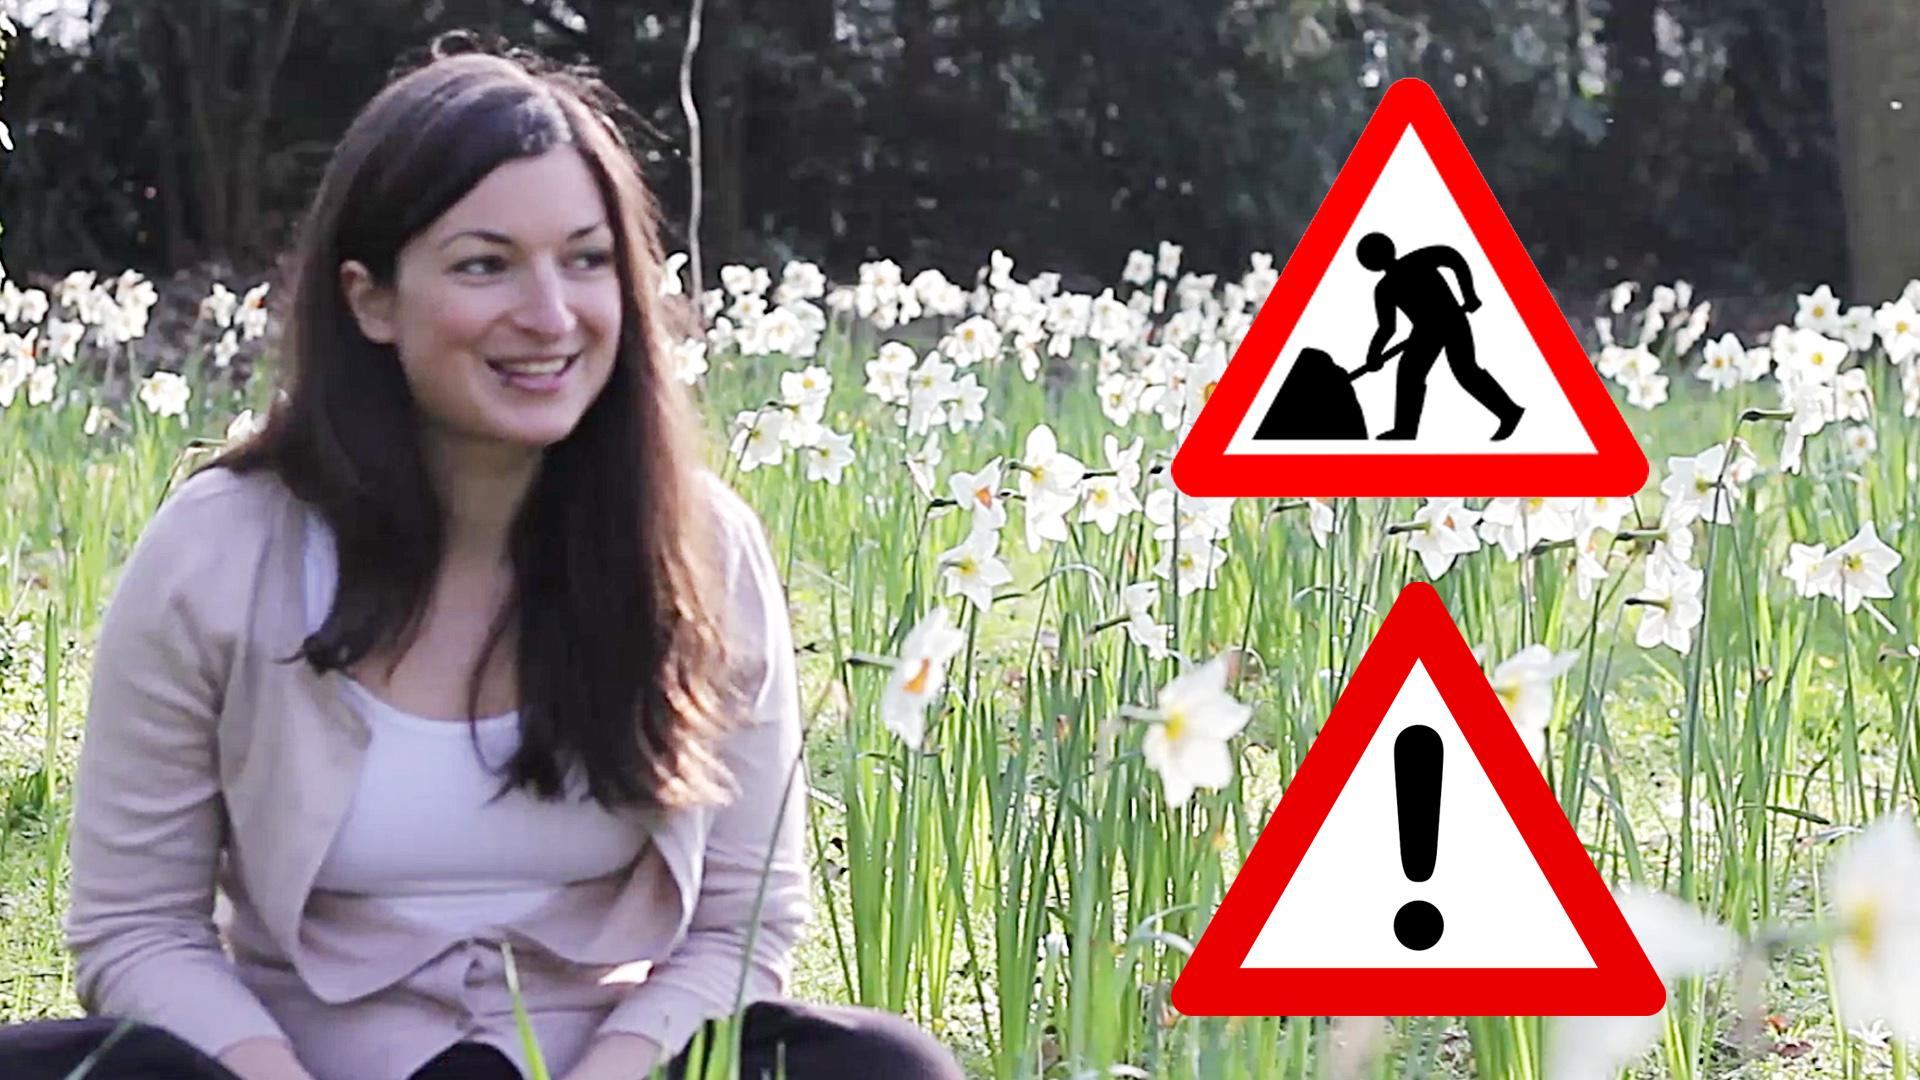 Petites news et message important sur l'hypnose !